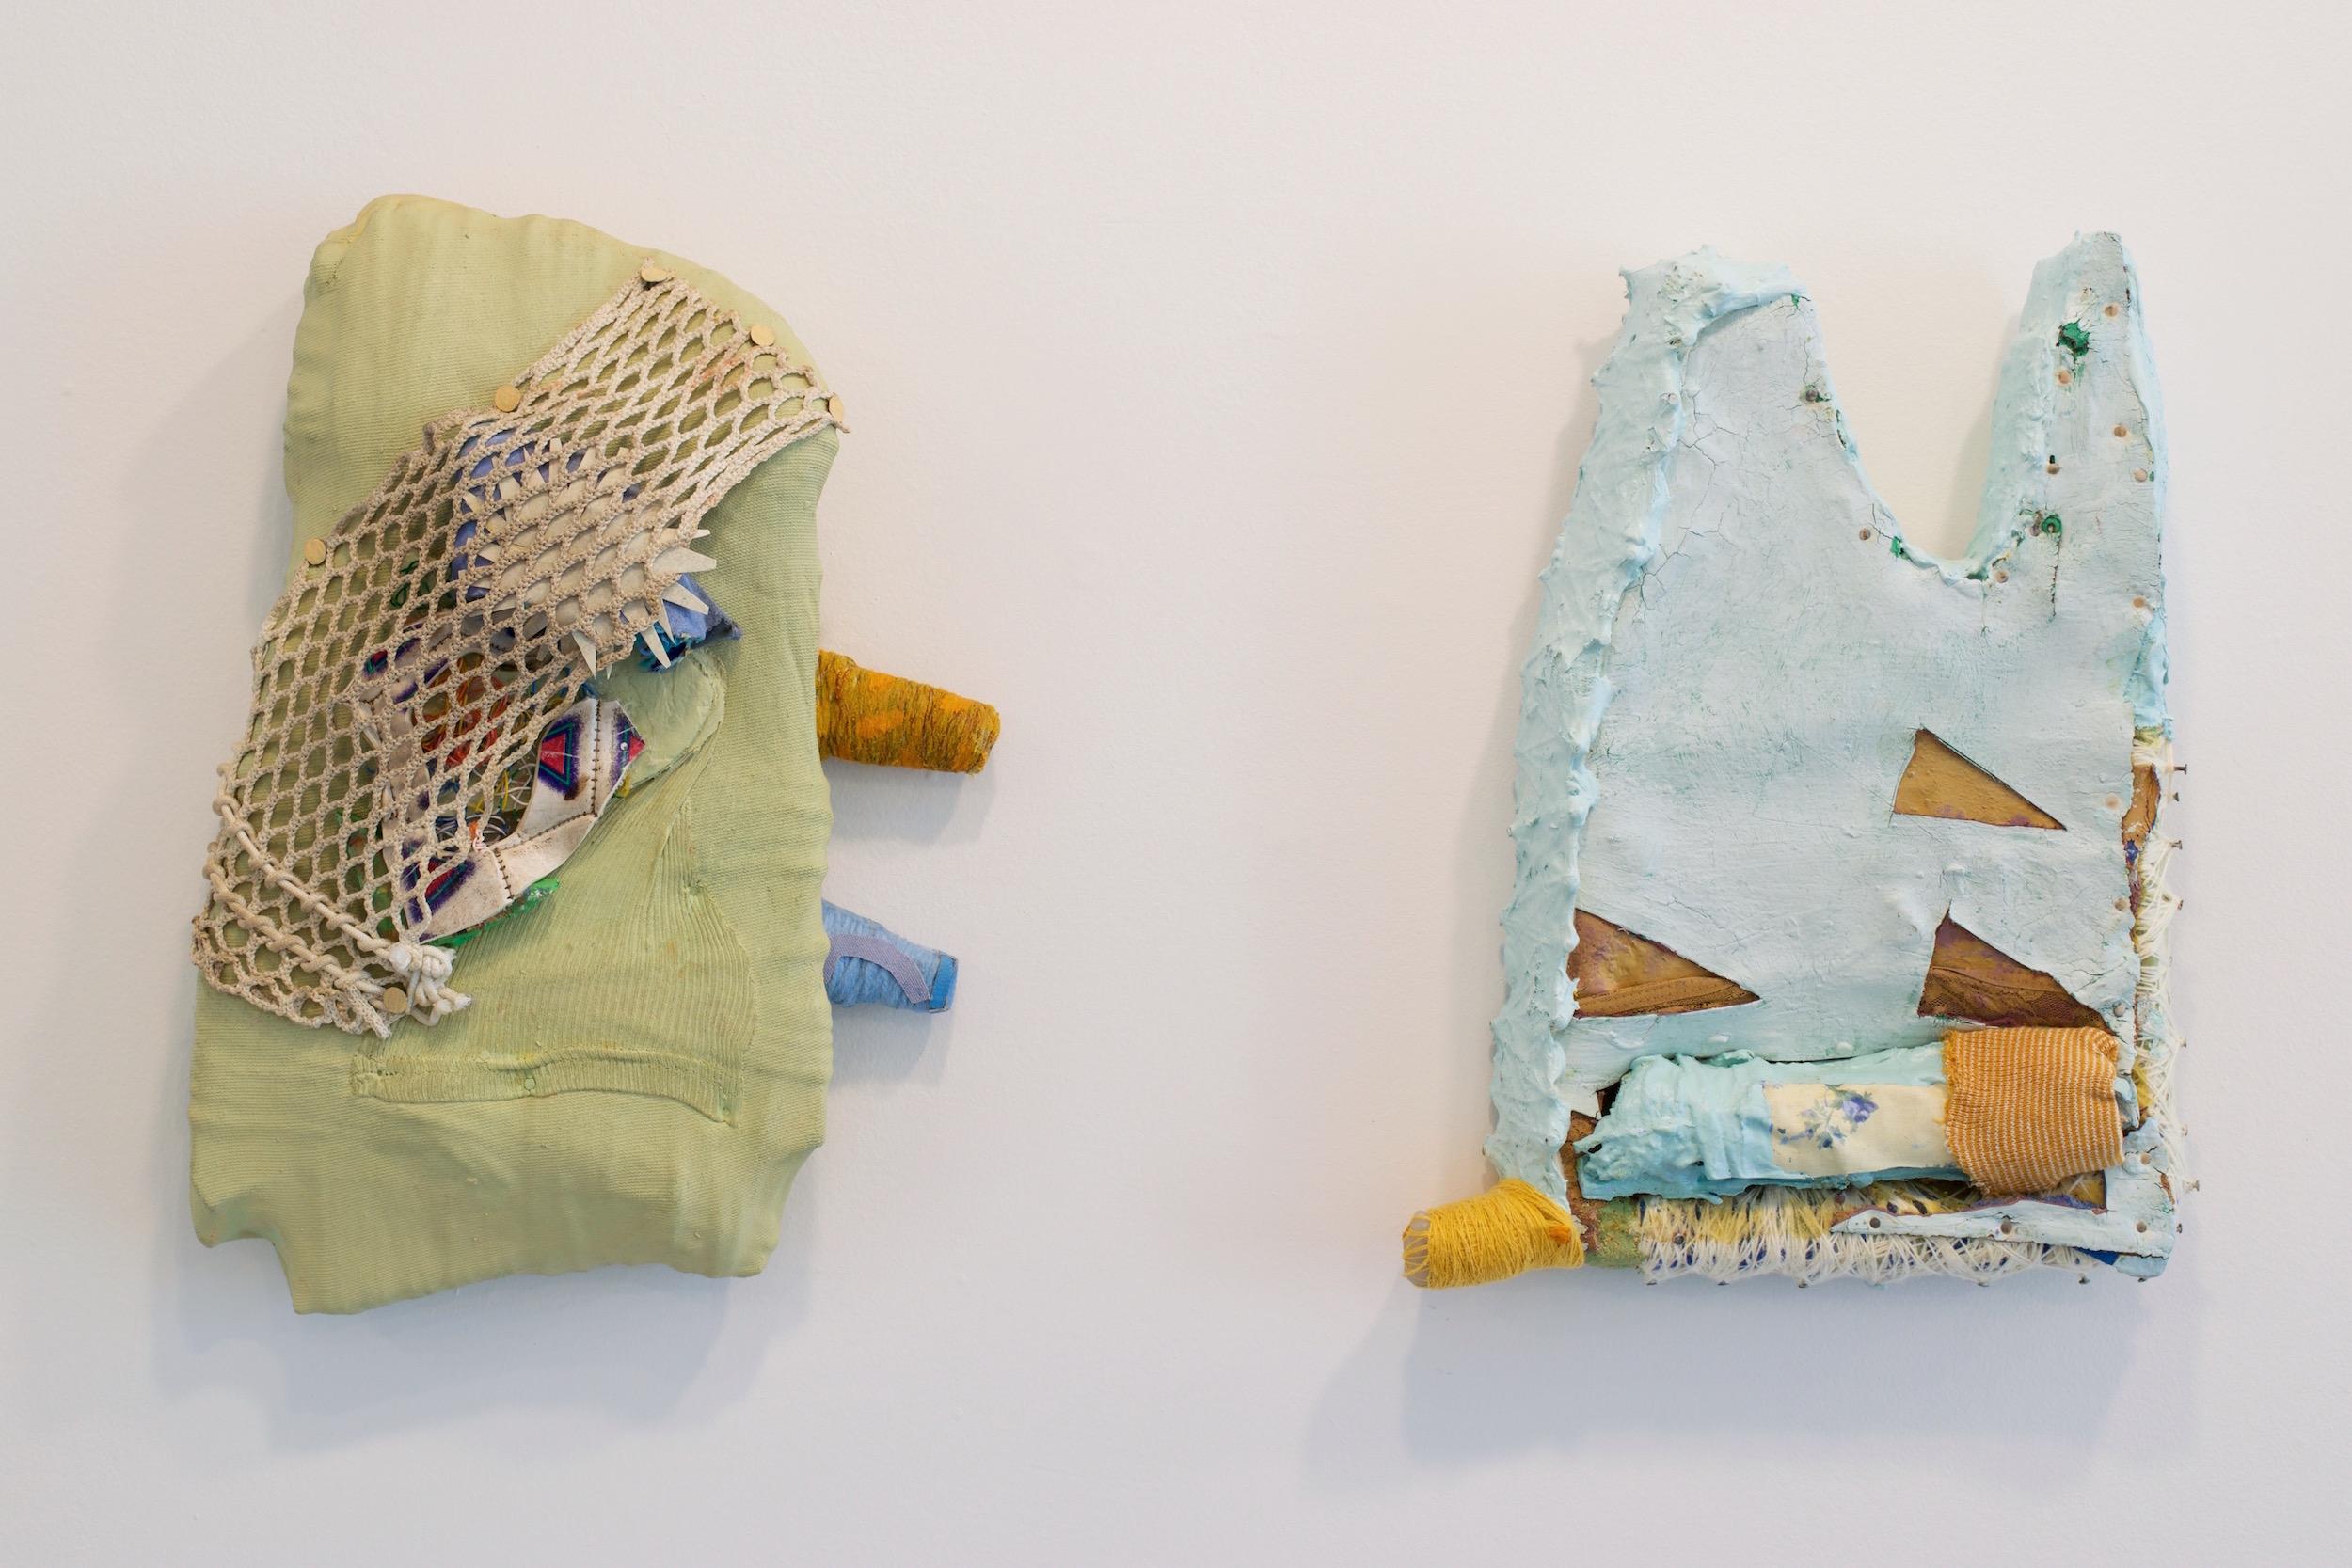 """Jamey Hart, """"Rainbow"""", 2016 Mixed Media 18x12x5 inches. (left) """"Greeze that Hurts"""", 2016, Mixed Media 16x12 3 inches (right)"""